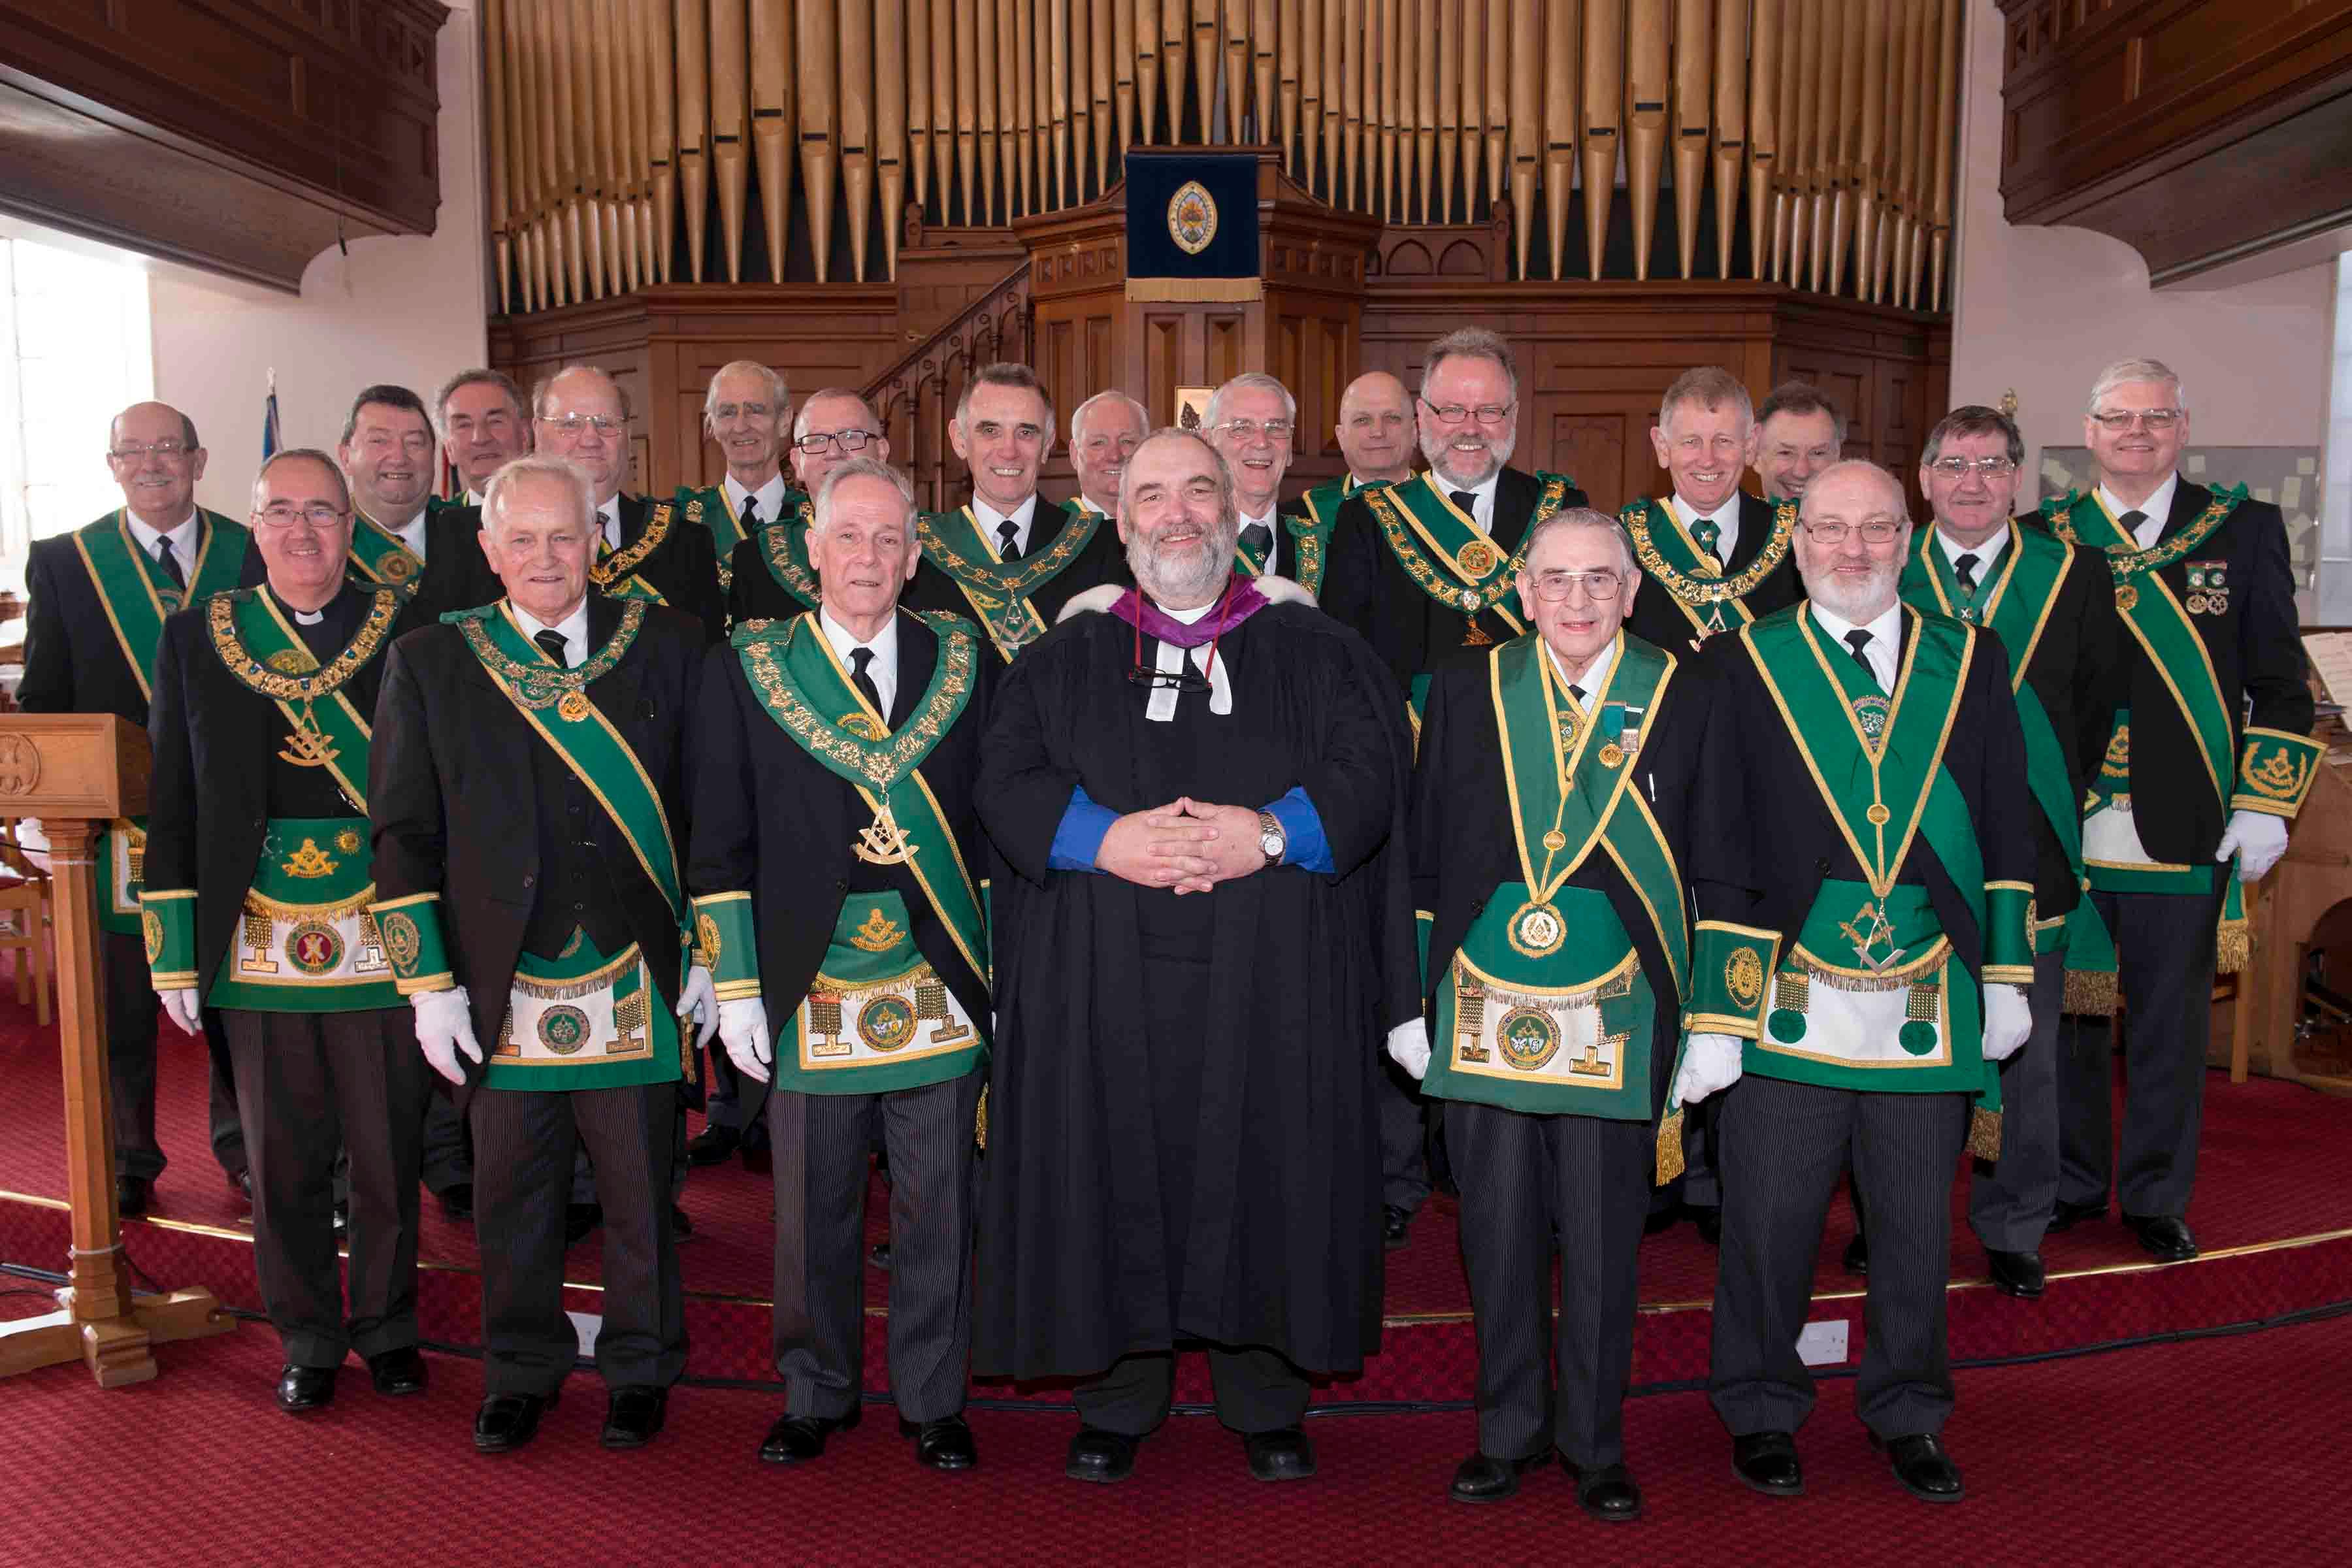 Stirlingshire ADS - 080315